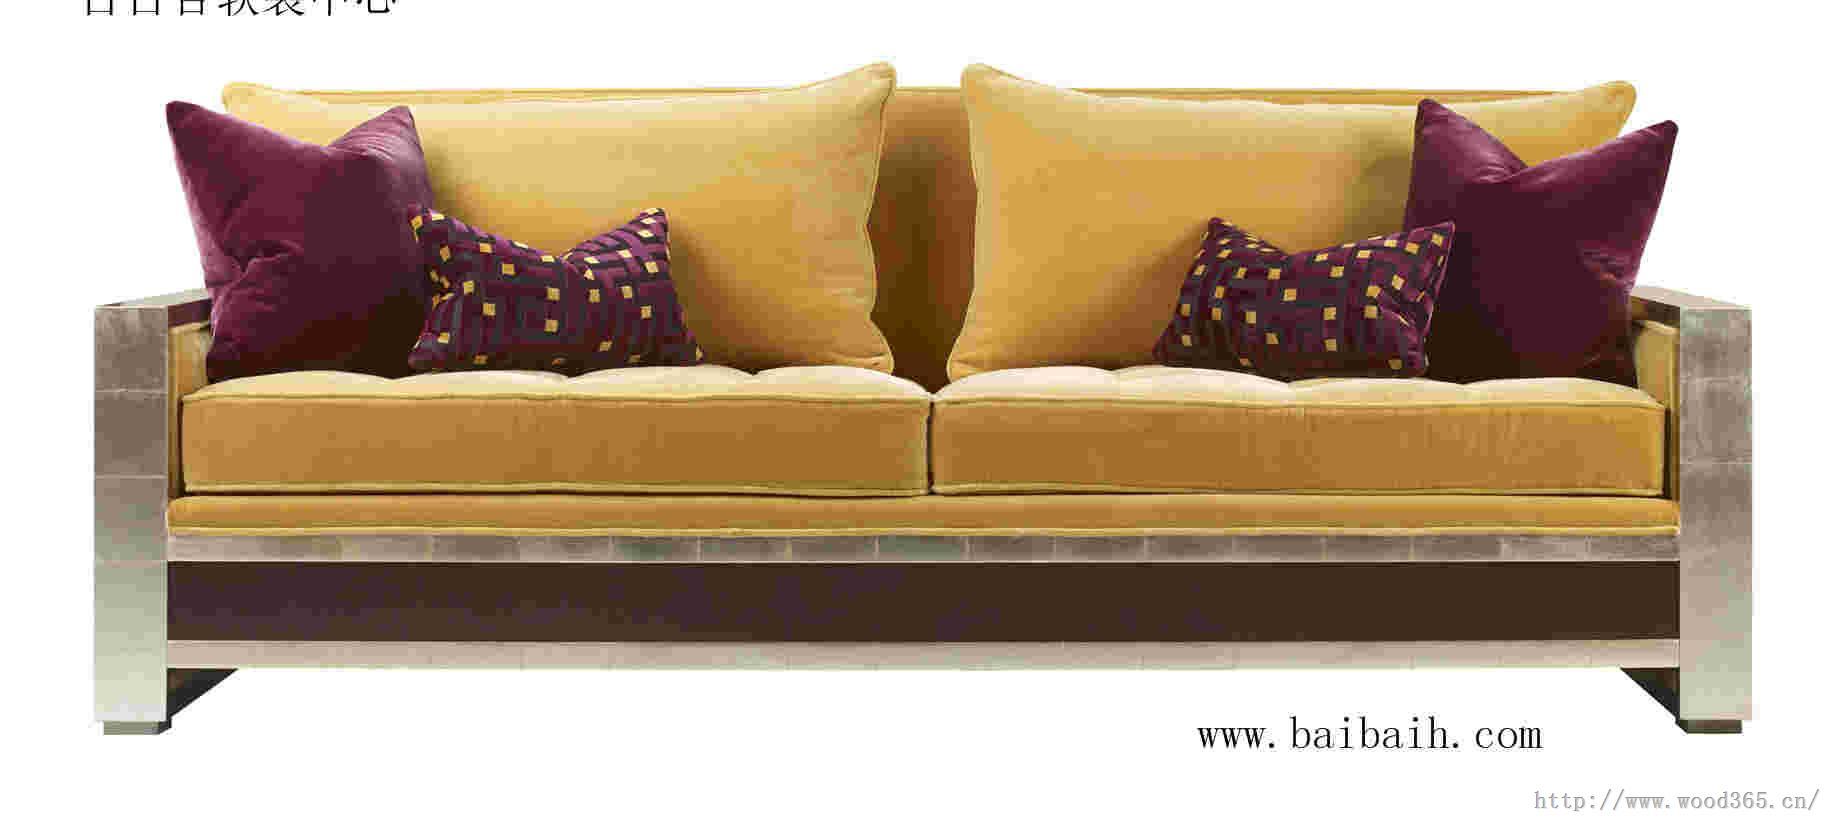 武汉v家具家具-沙发客厅-红木家具岚皋沙发路图片